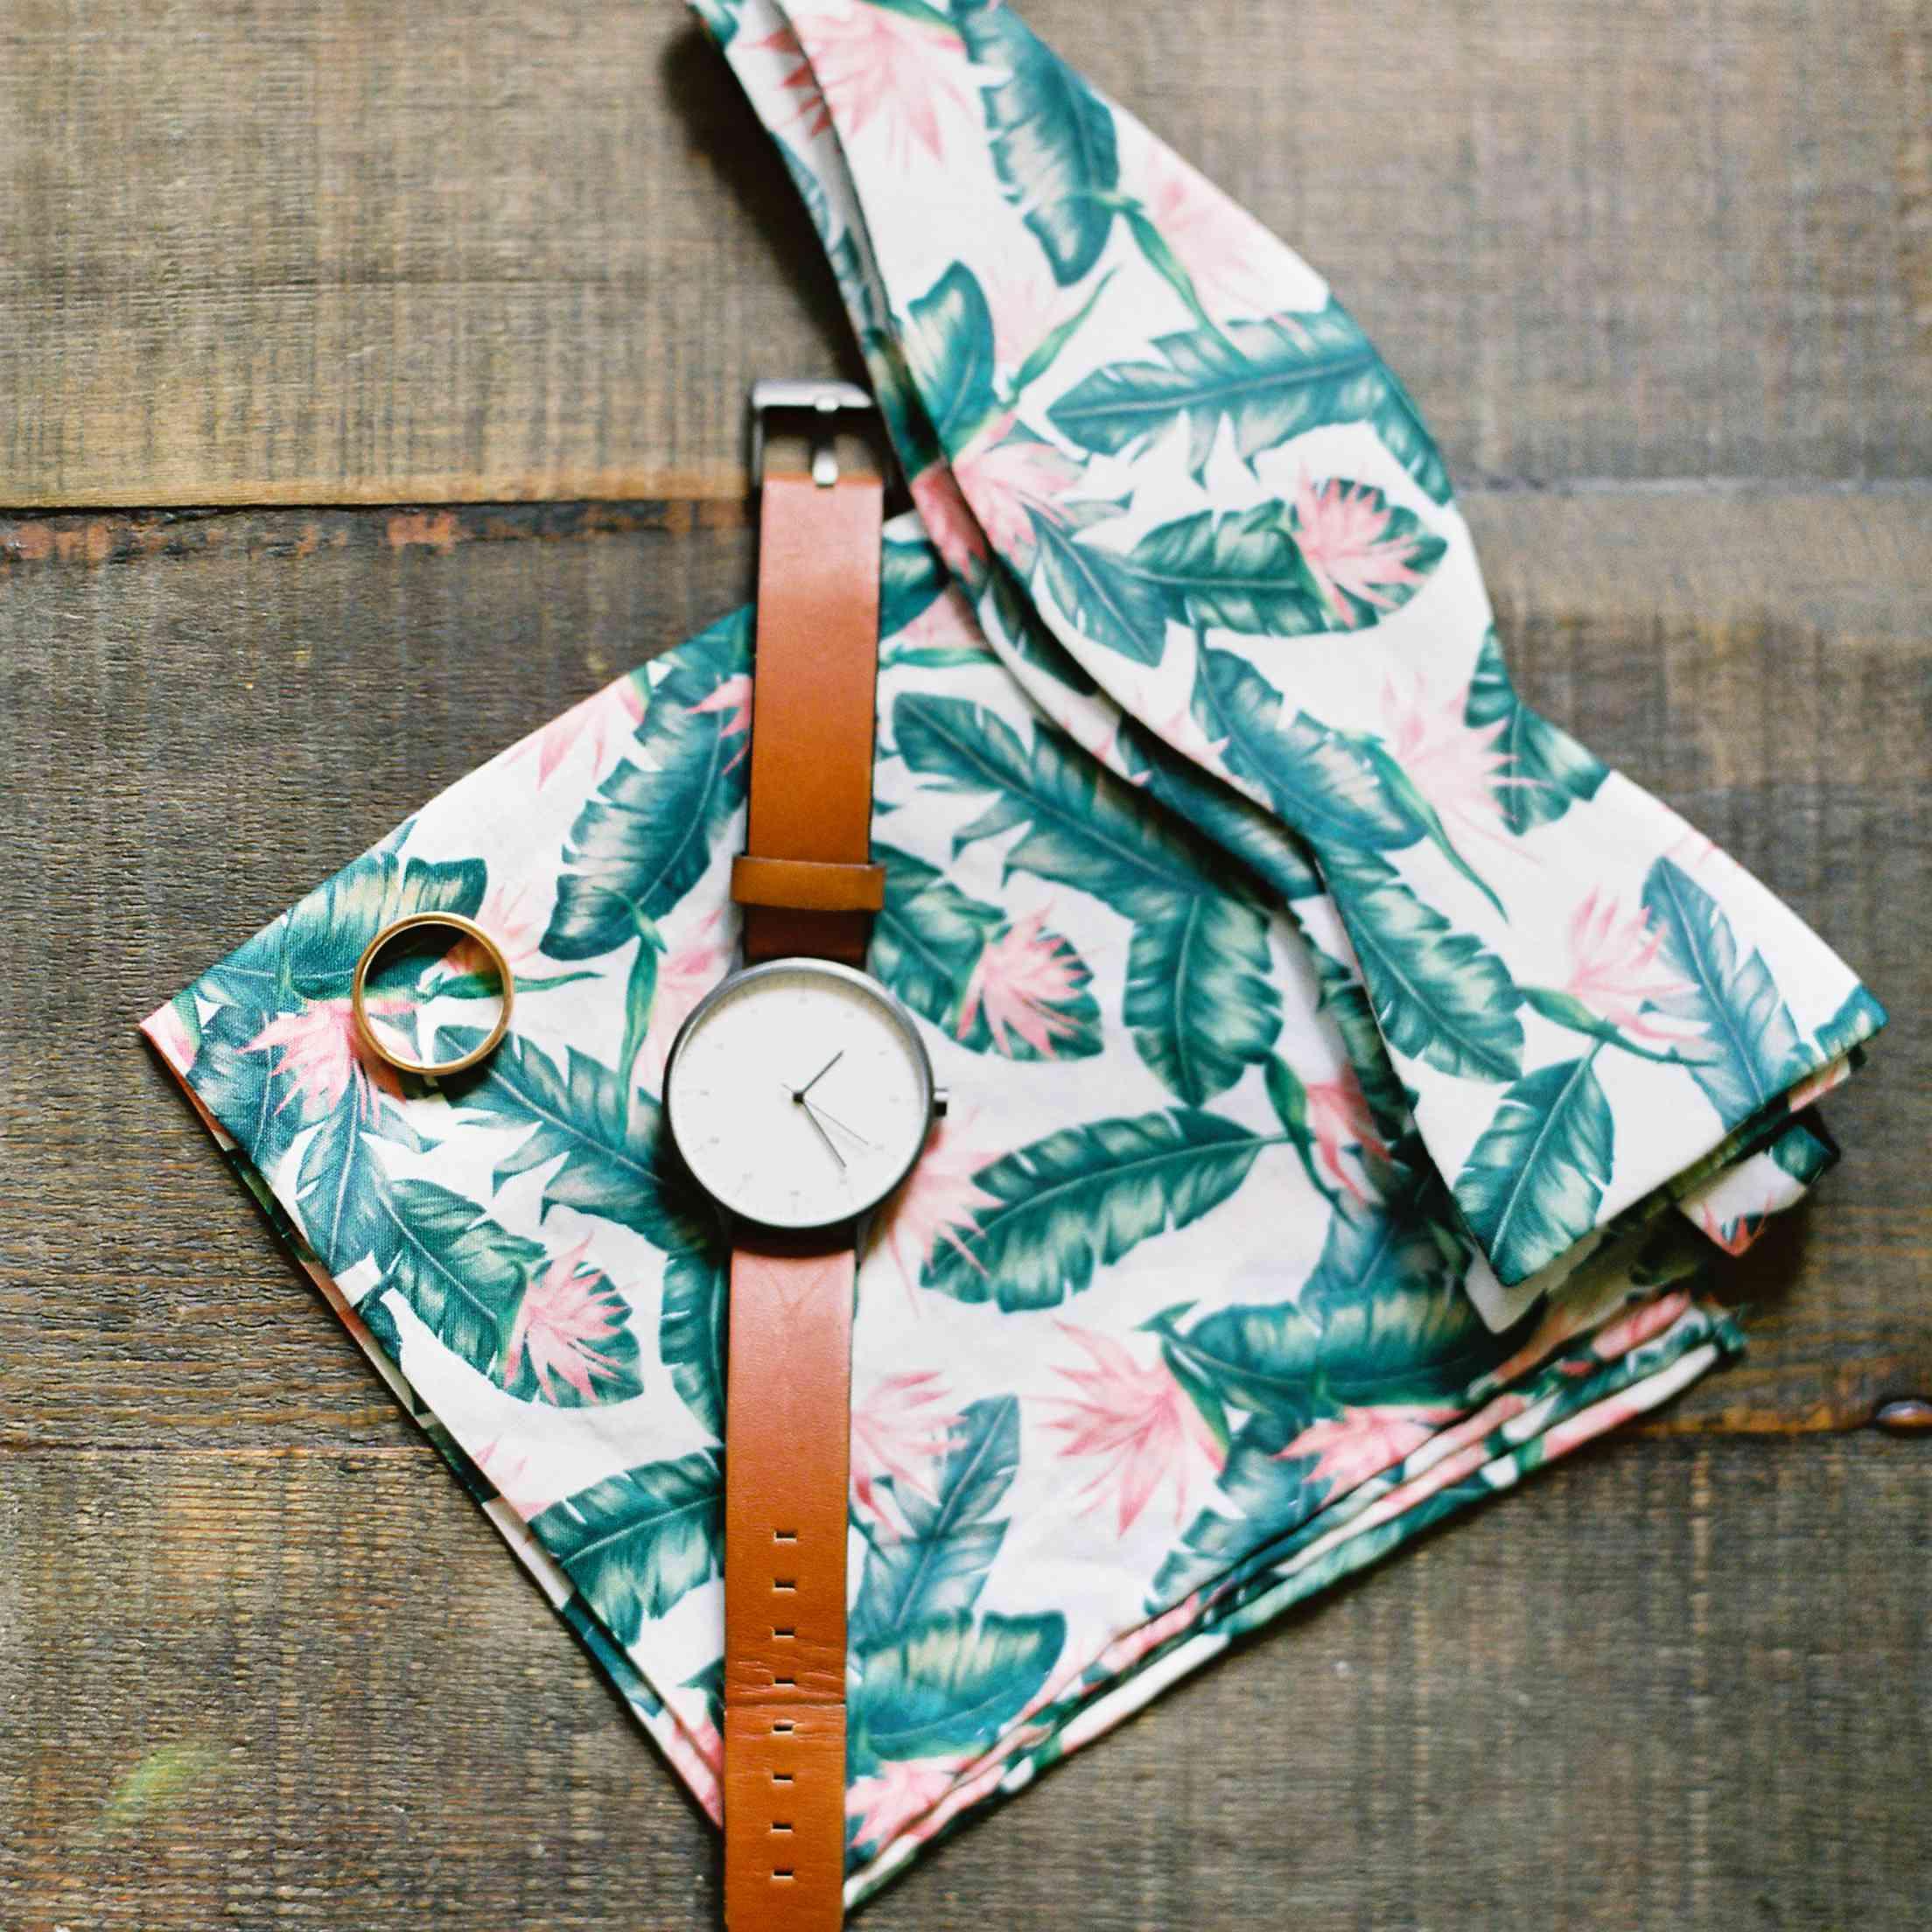 tropical maui wedding, tropical printed tie pocket square